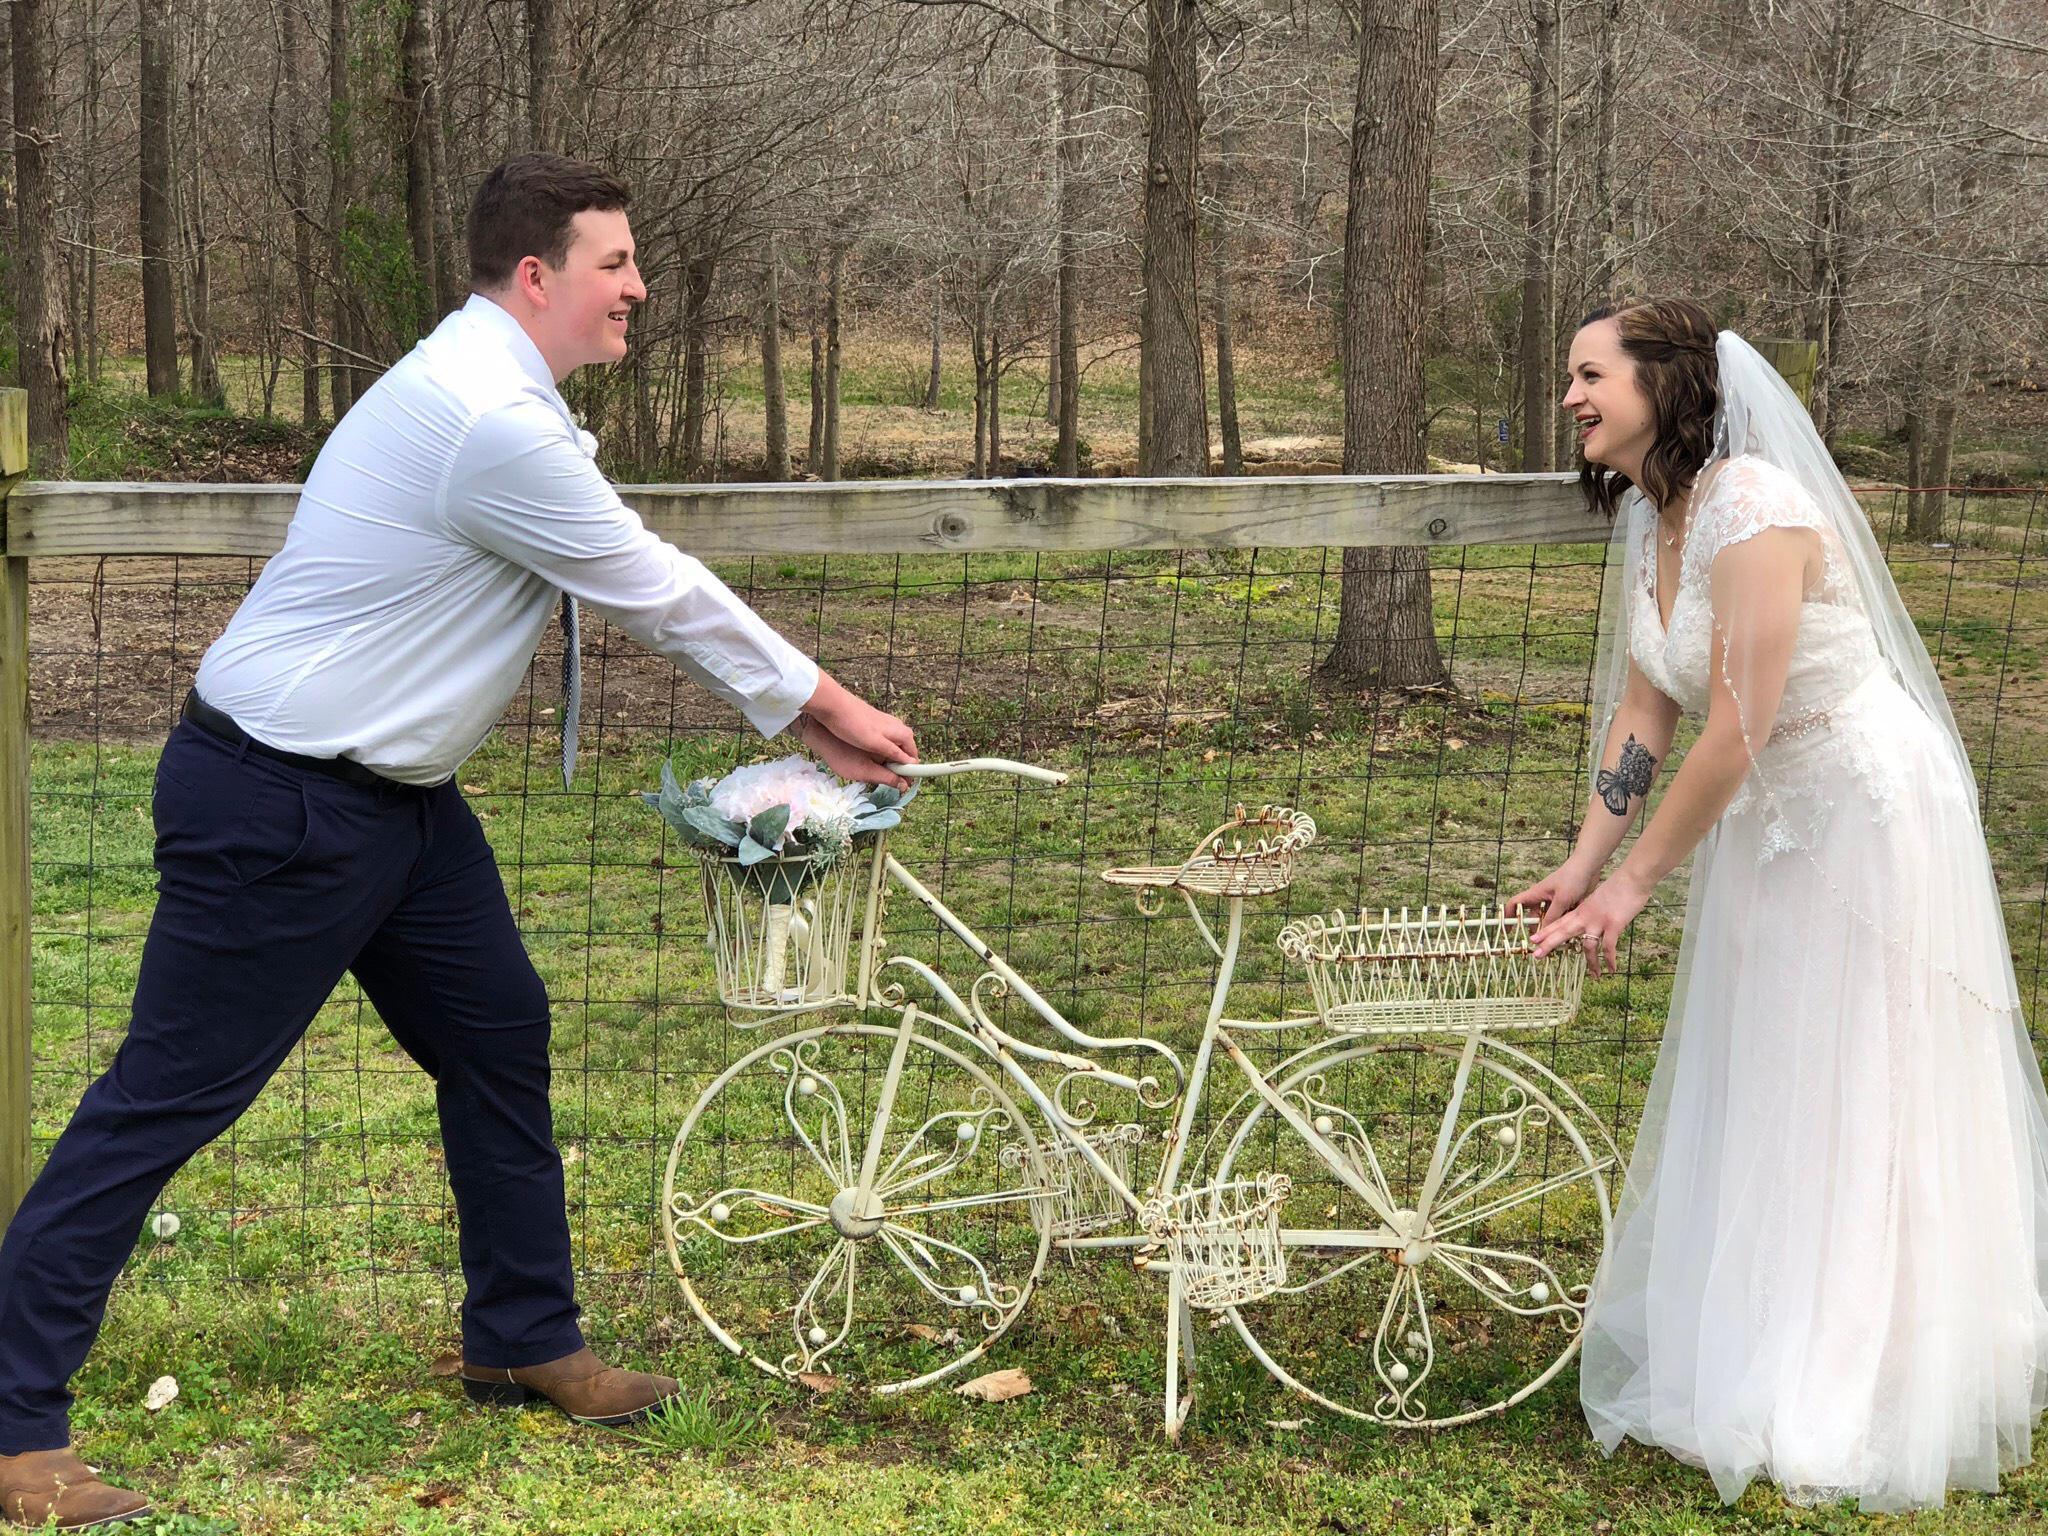 Friends Farm Wedding Venue